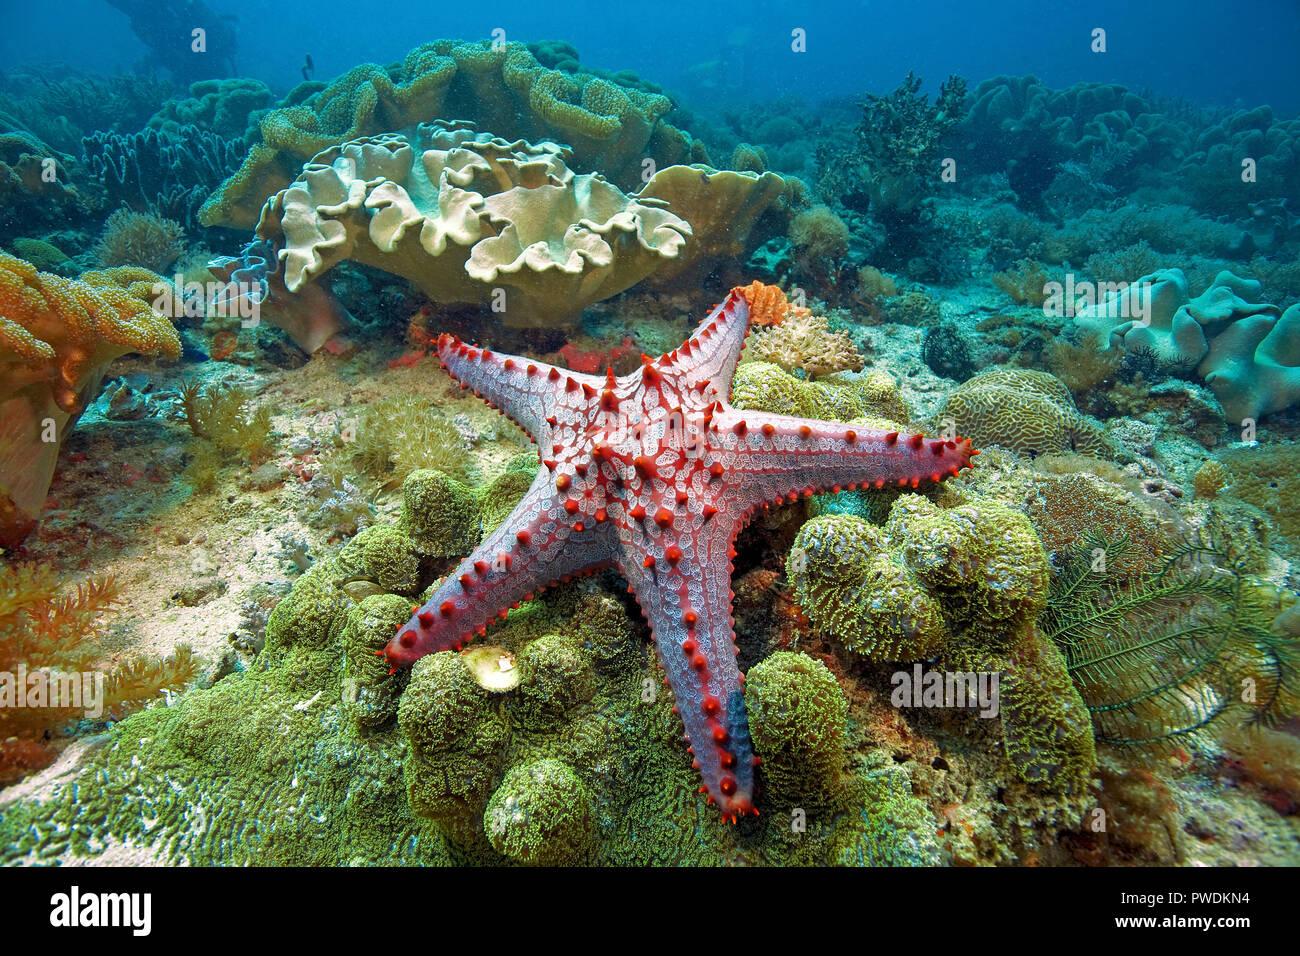 Red genoppte Seesterne (Protoreaster lincki) an Leder Korallen, Malapascua, Philippinen Stockbild